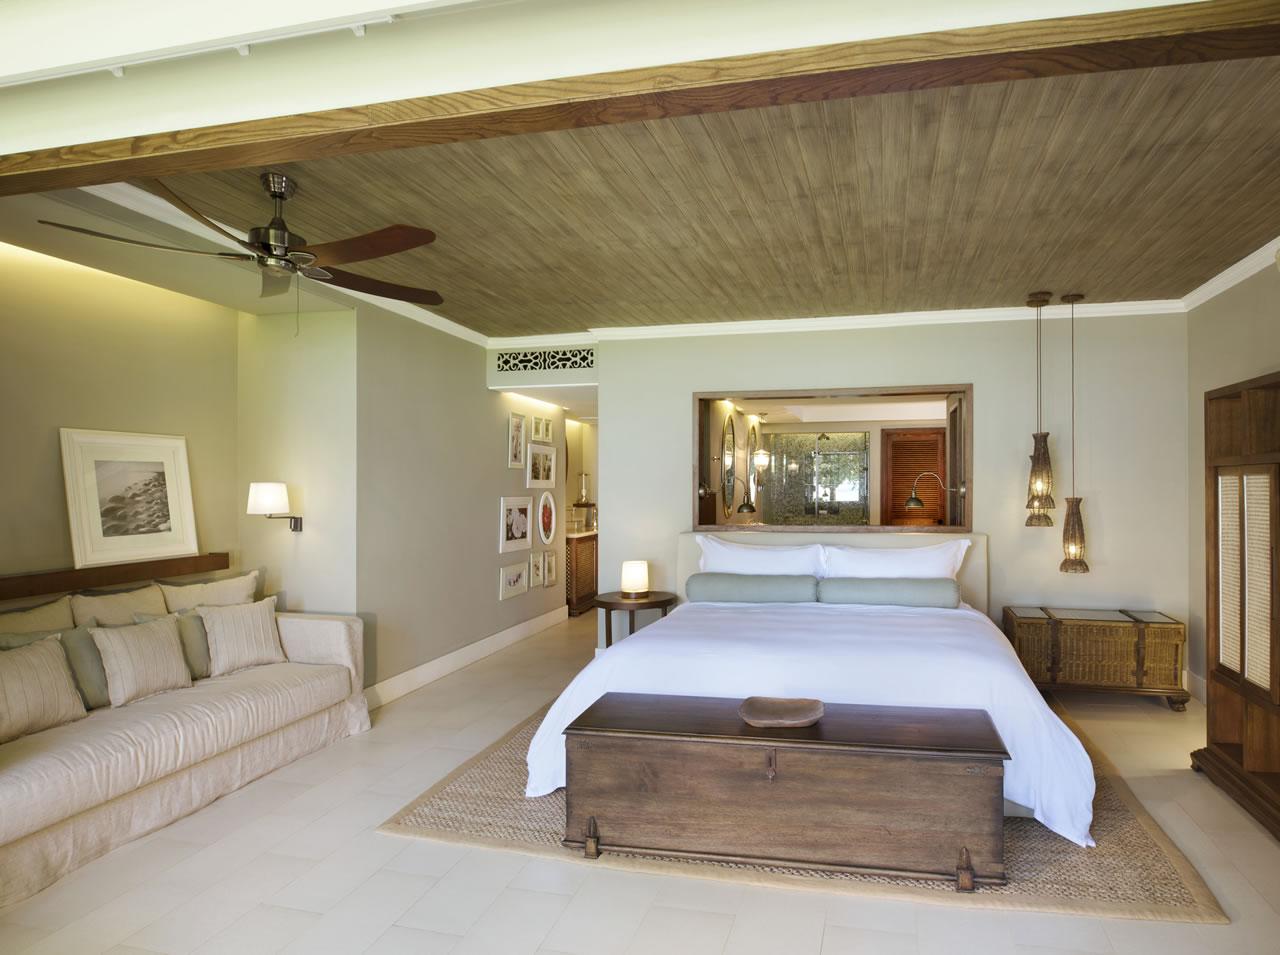 St regis mauritius review for Interior decoration mauritius